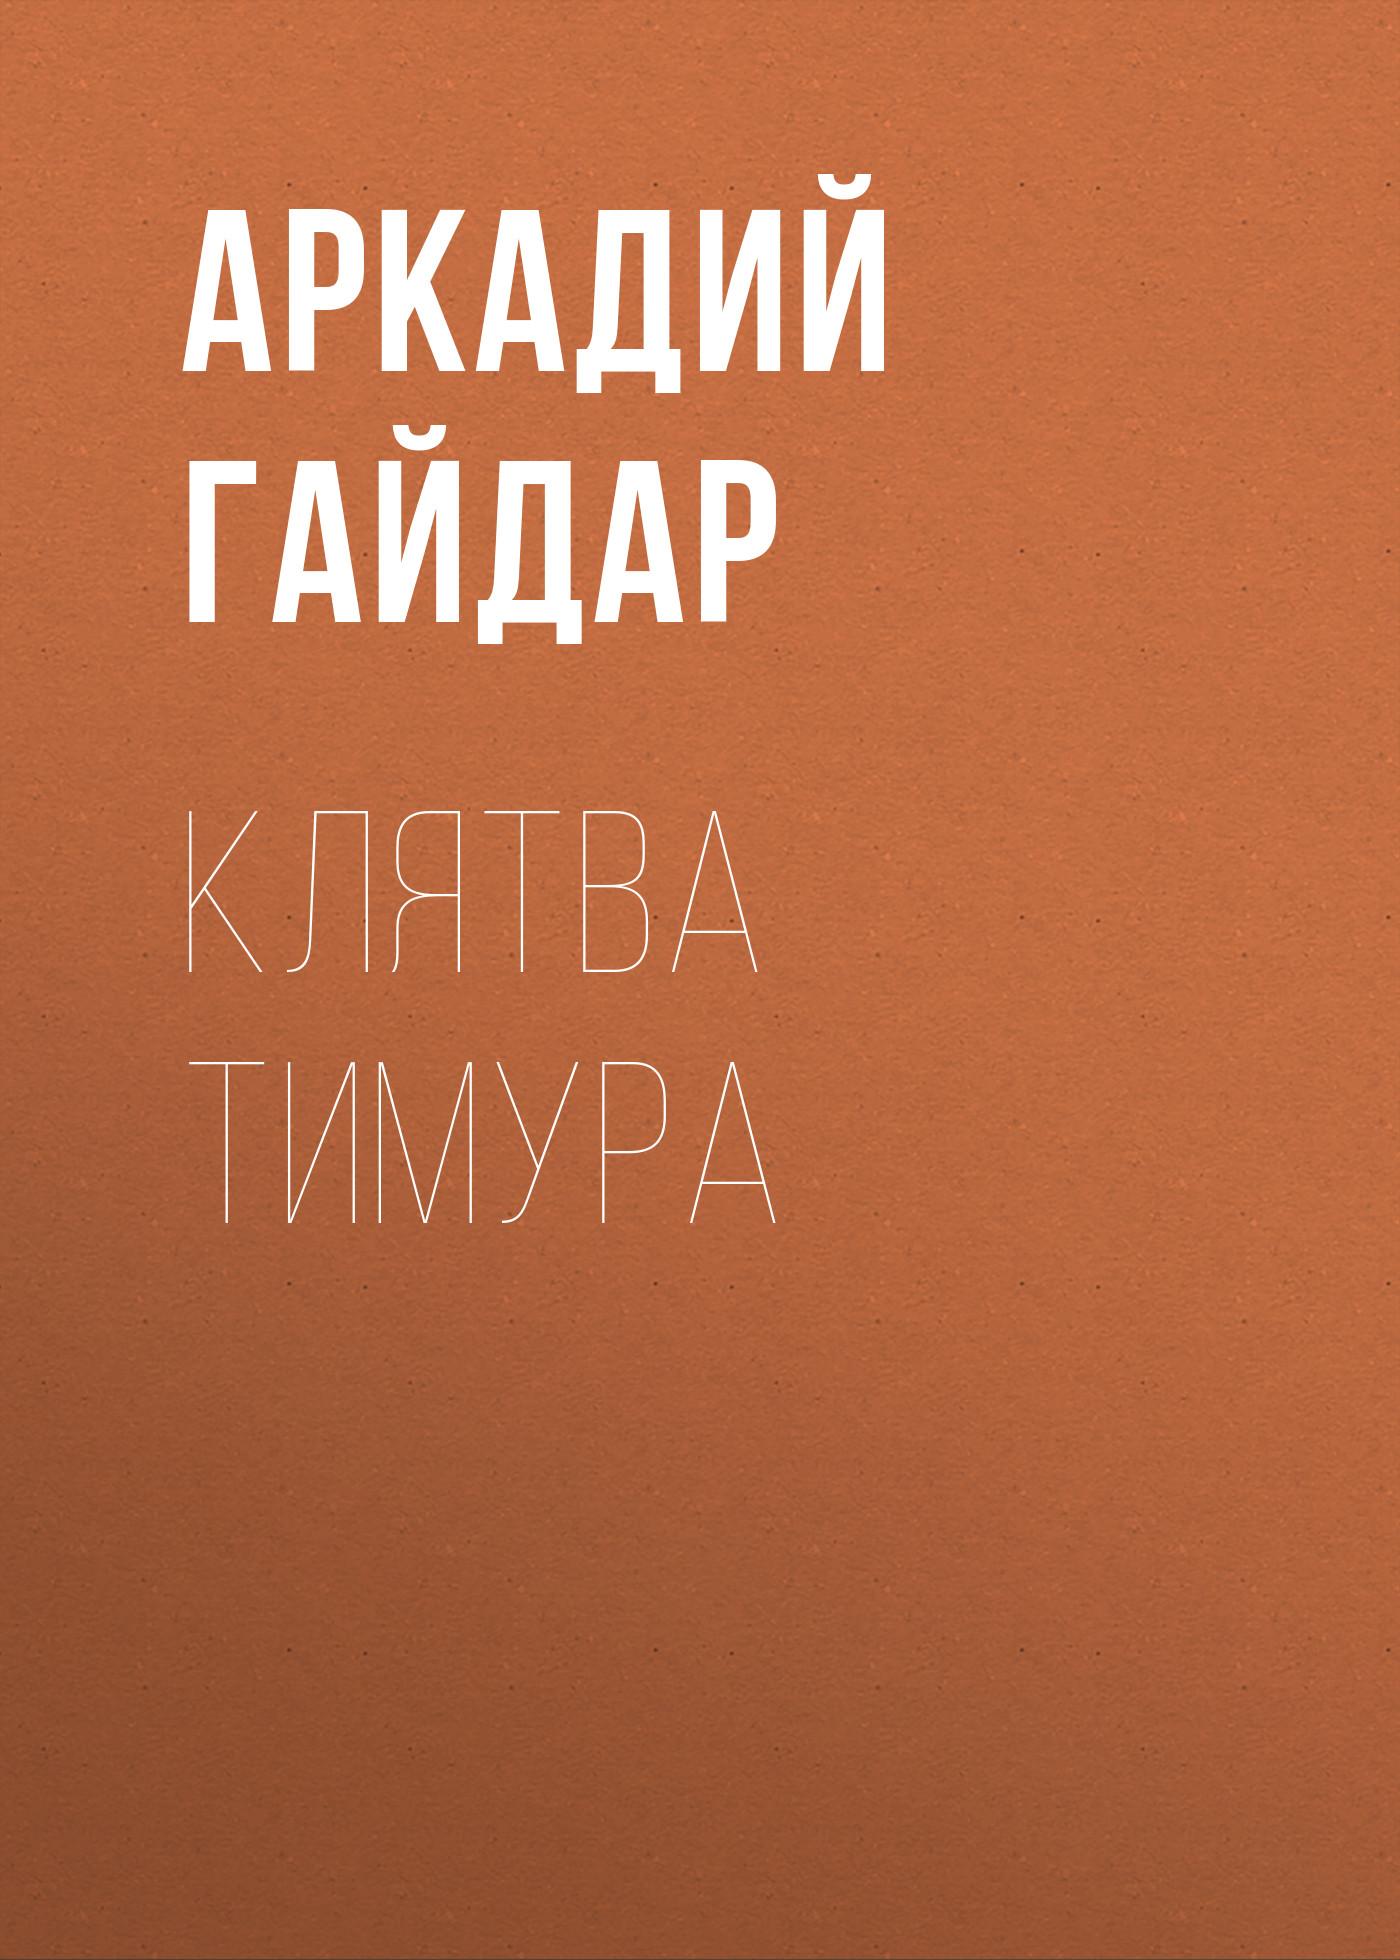 Аркадий Гайдар Клятва Тимура гайдар а клятва тимура киносценарий рассказы